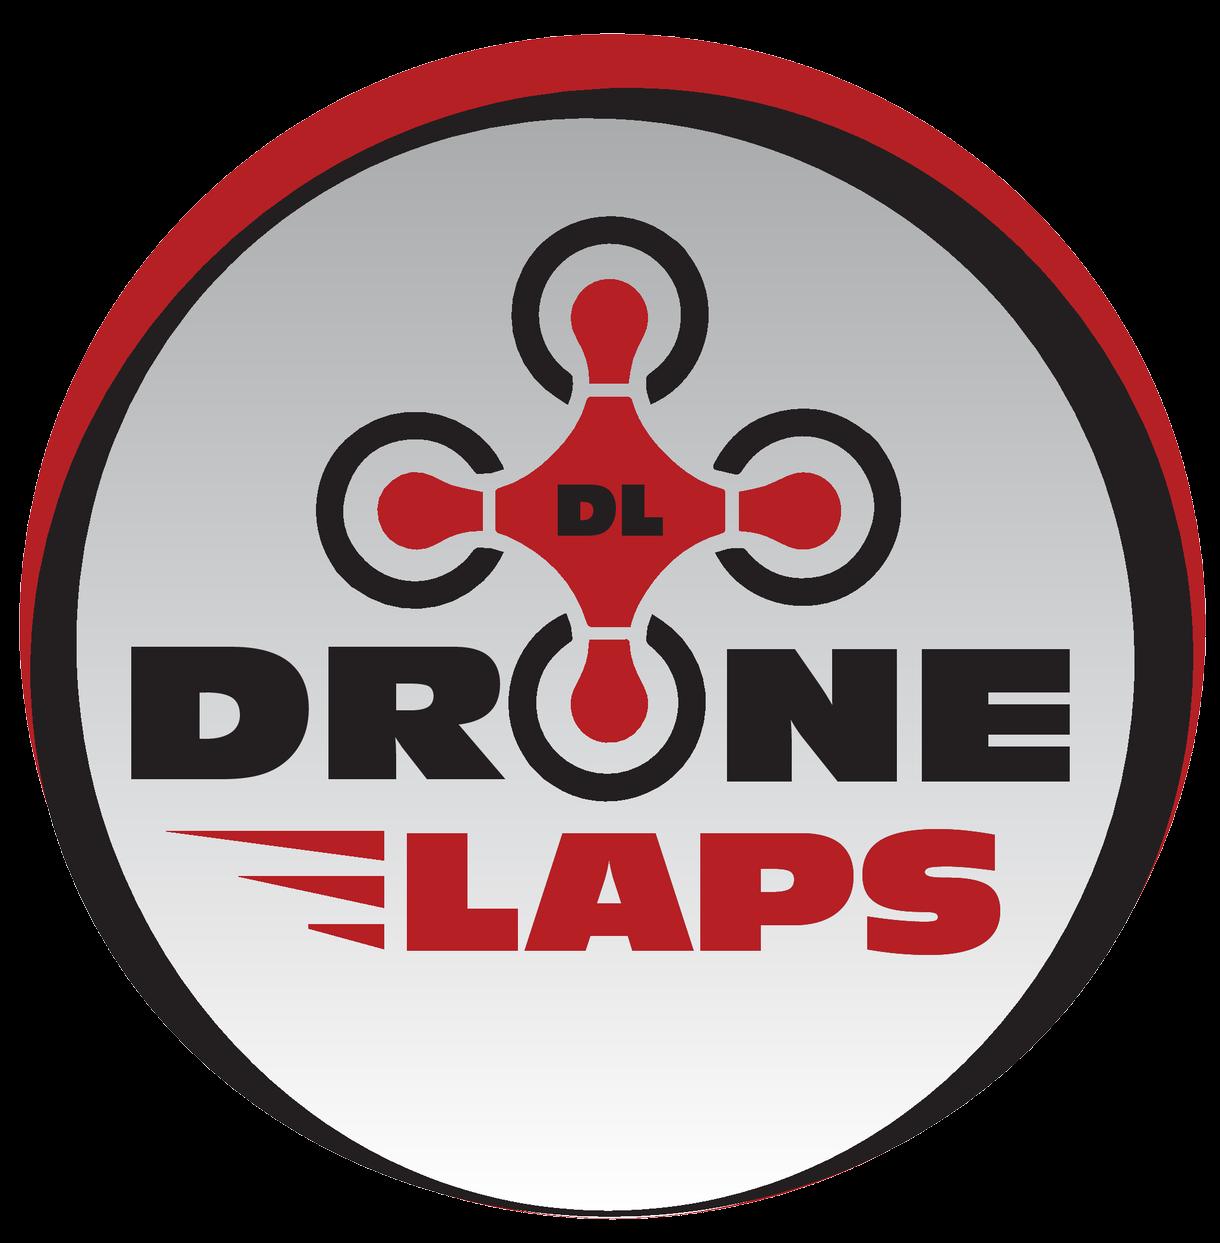 DroneLaps